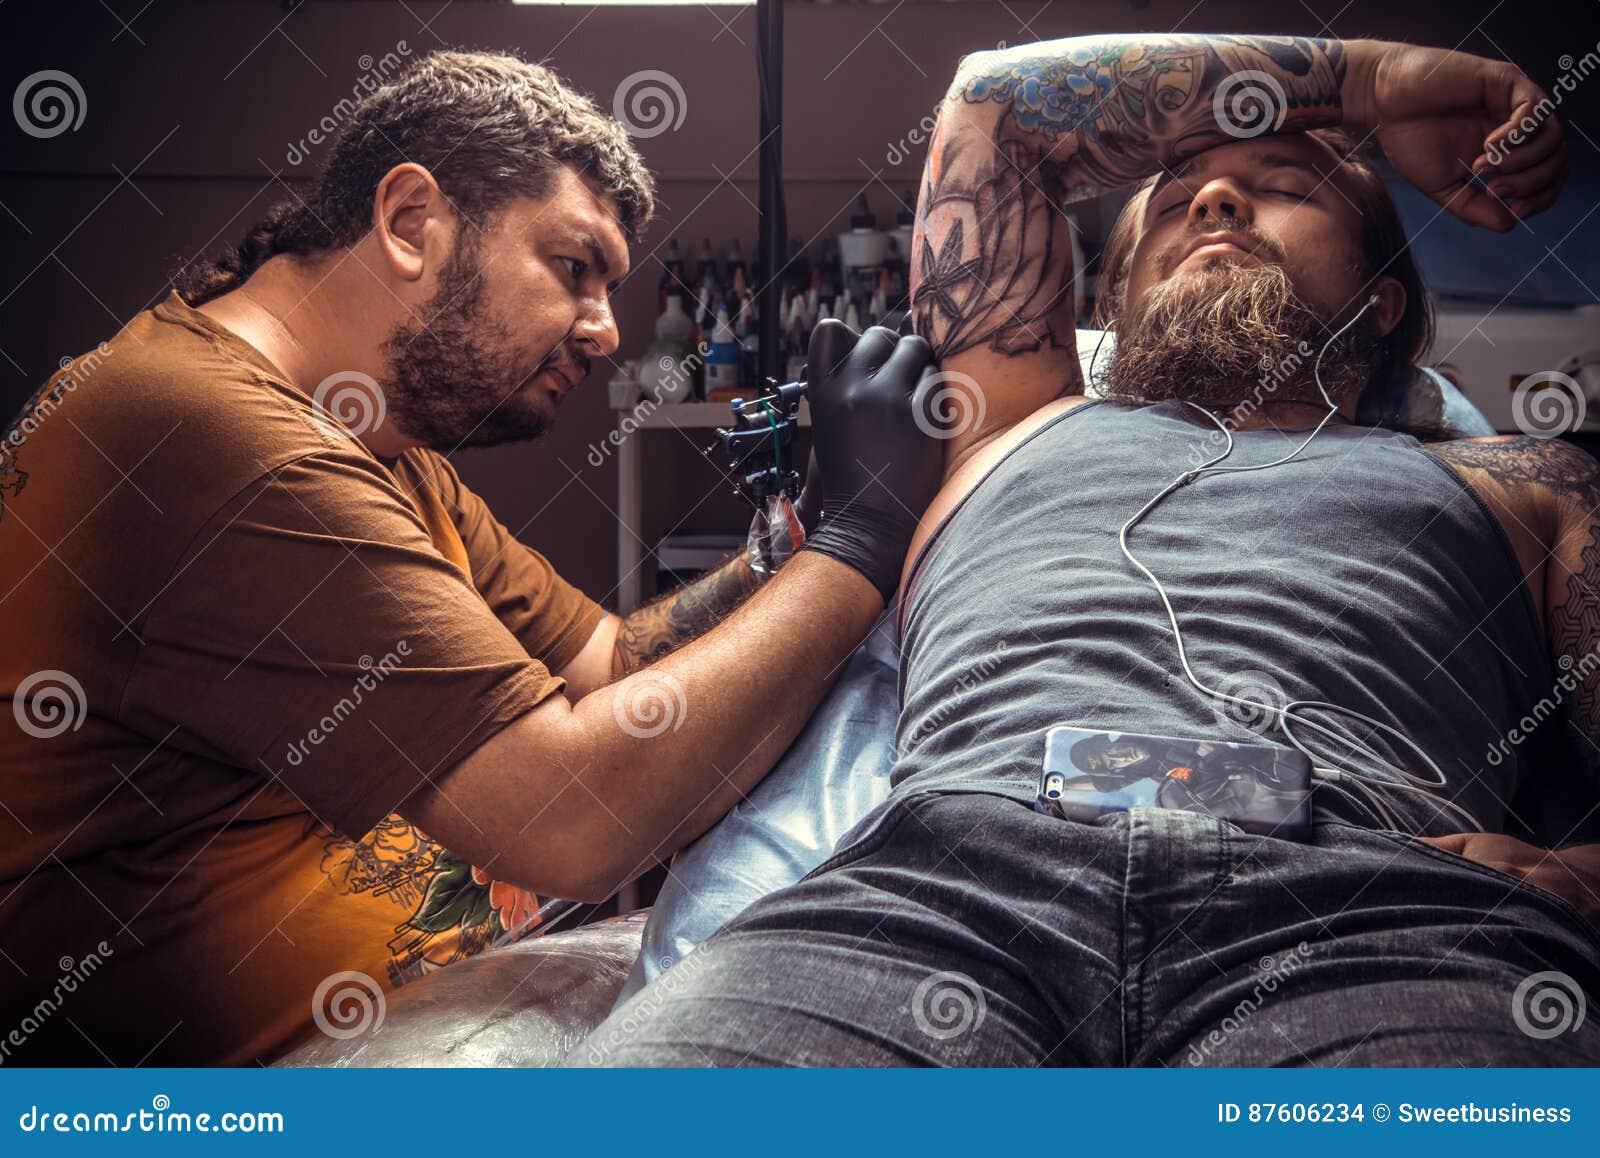 00d646f01 Tattoo specialist makes cool tattoo in tattoo parlour/Professional tattooer  showing process of making a tattoo in salon.